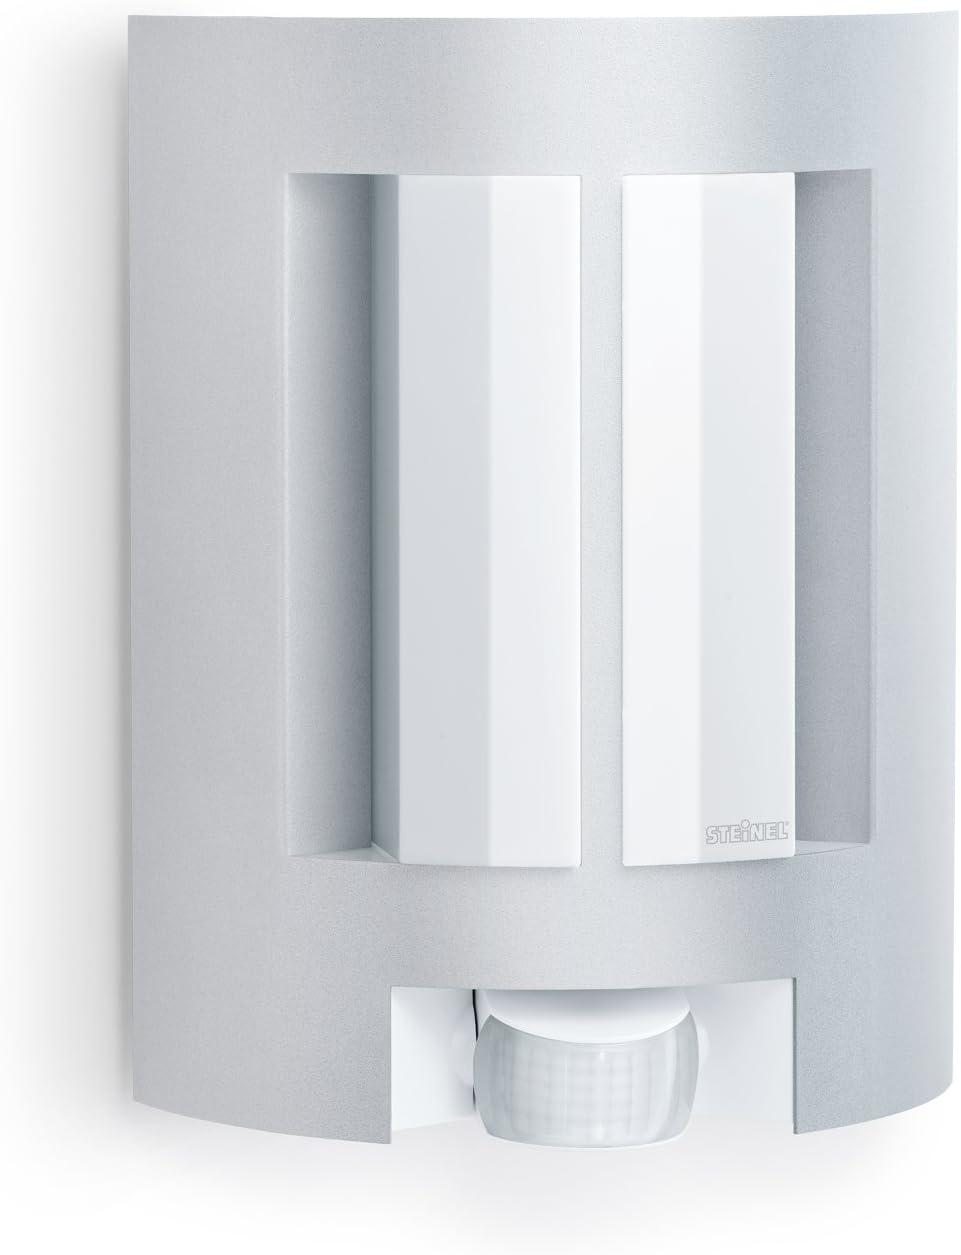 schwenkbarer Sensor E27 Außenleuchte Steinel Wandleuchte L 11 10 m Reichweite 60 W E27 Außenleuchte 180° Bewegungsmelder 4007841657710 max 180° Bewegungsmelder